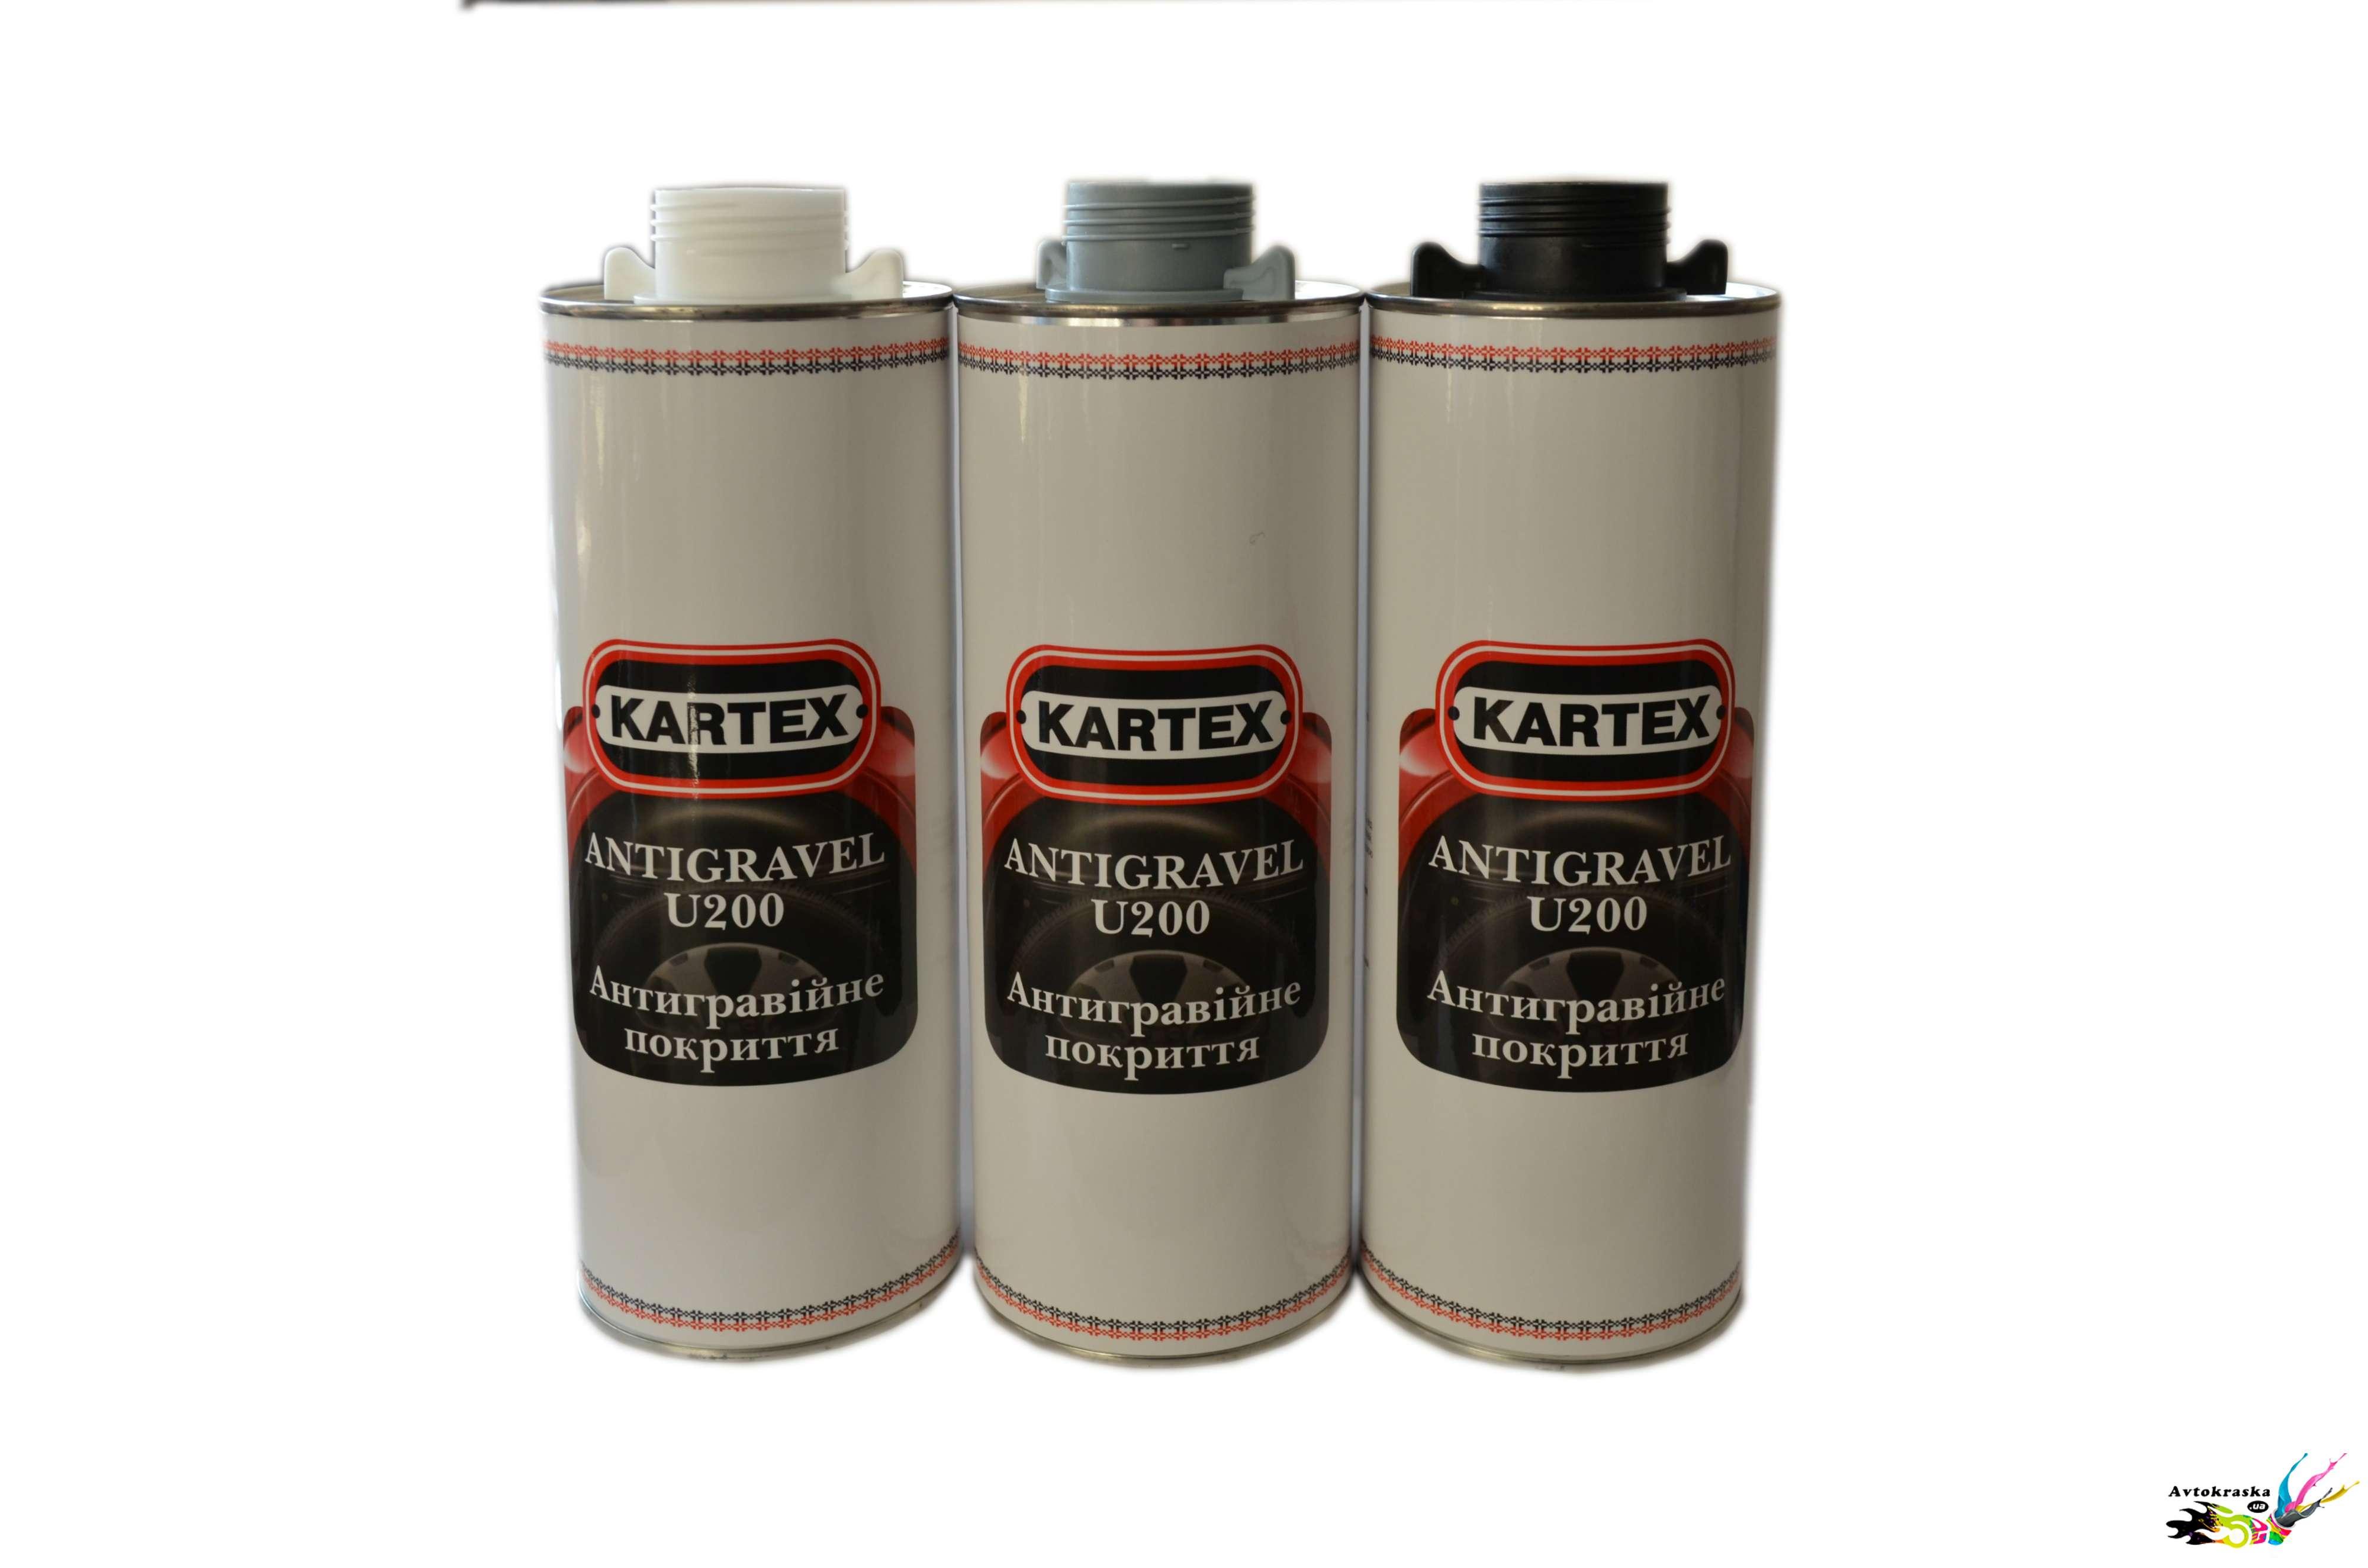 Антигравийное покрытие для авто Kartex U200 серый 1кг